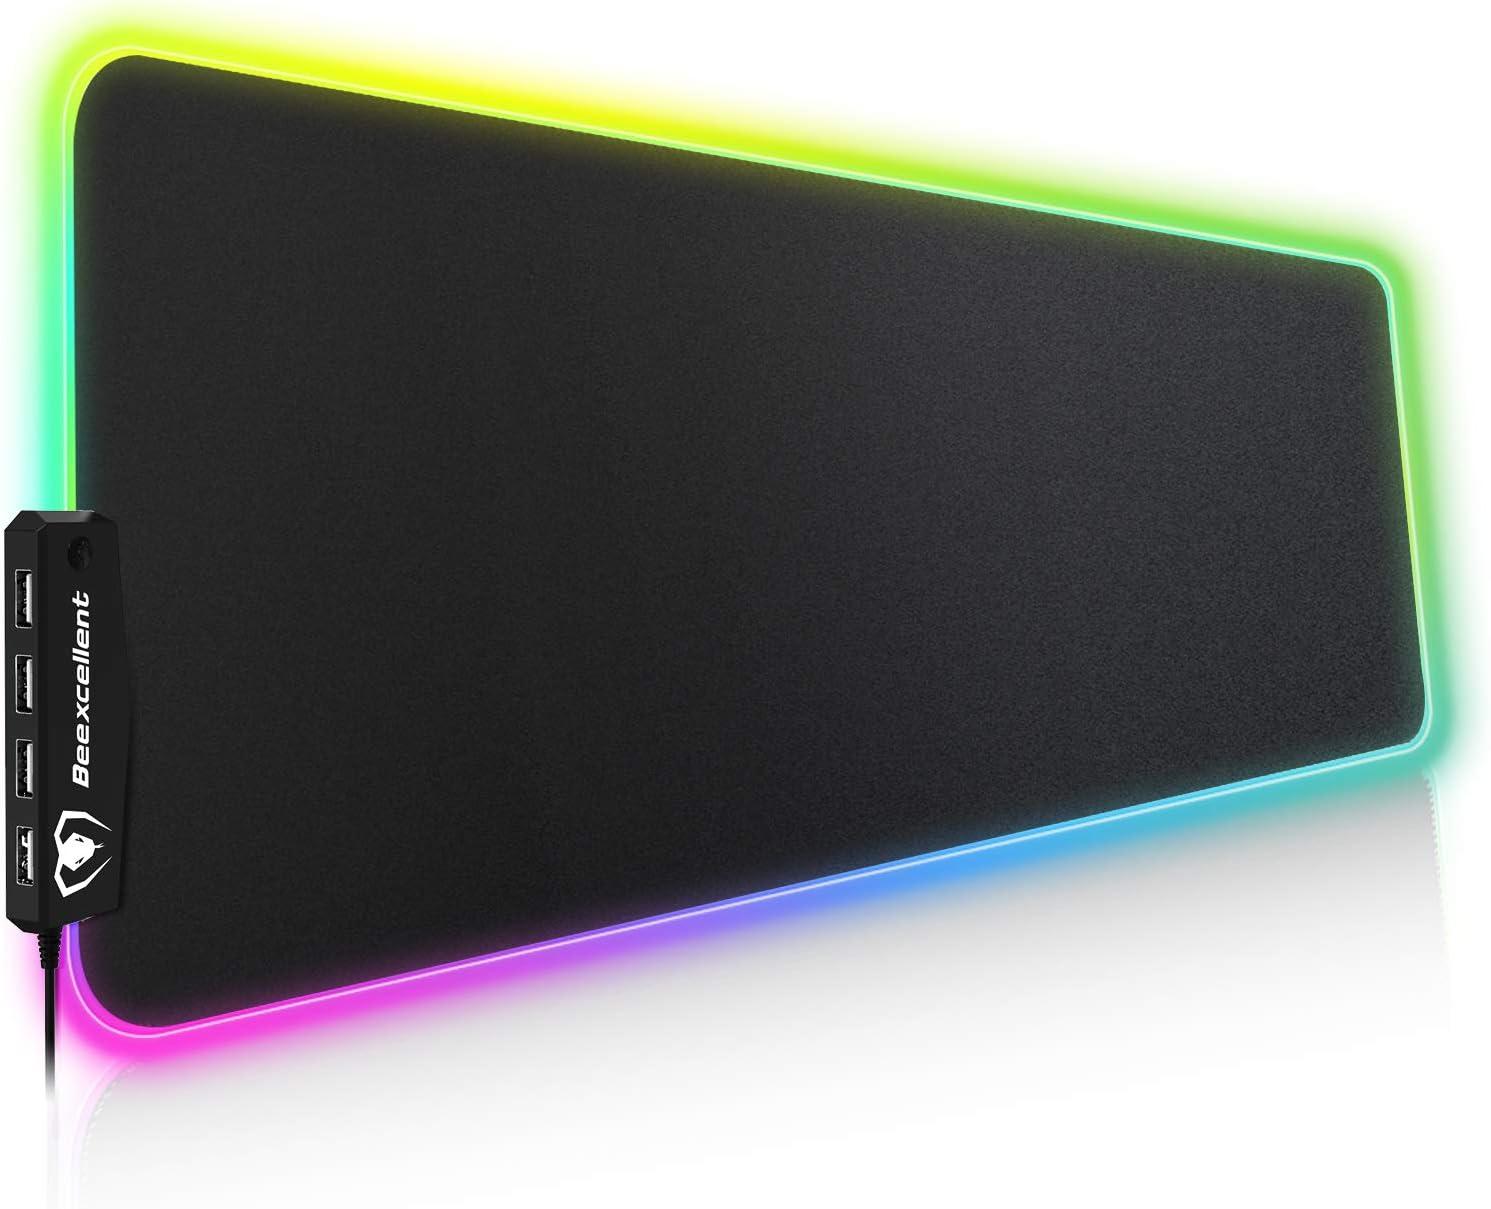 Beexcellent Alfombrilla Gaming, 800x300x5mm 14 Modos de Iluminación RGB Ajustables y 4 Puertos USB. Alfombrilla de Ratón para Juegos Súper Gruesa, Función Impermeable y Antideslizante